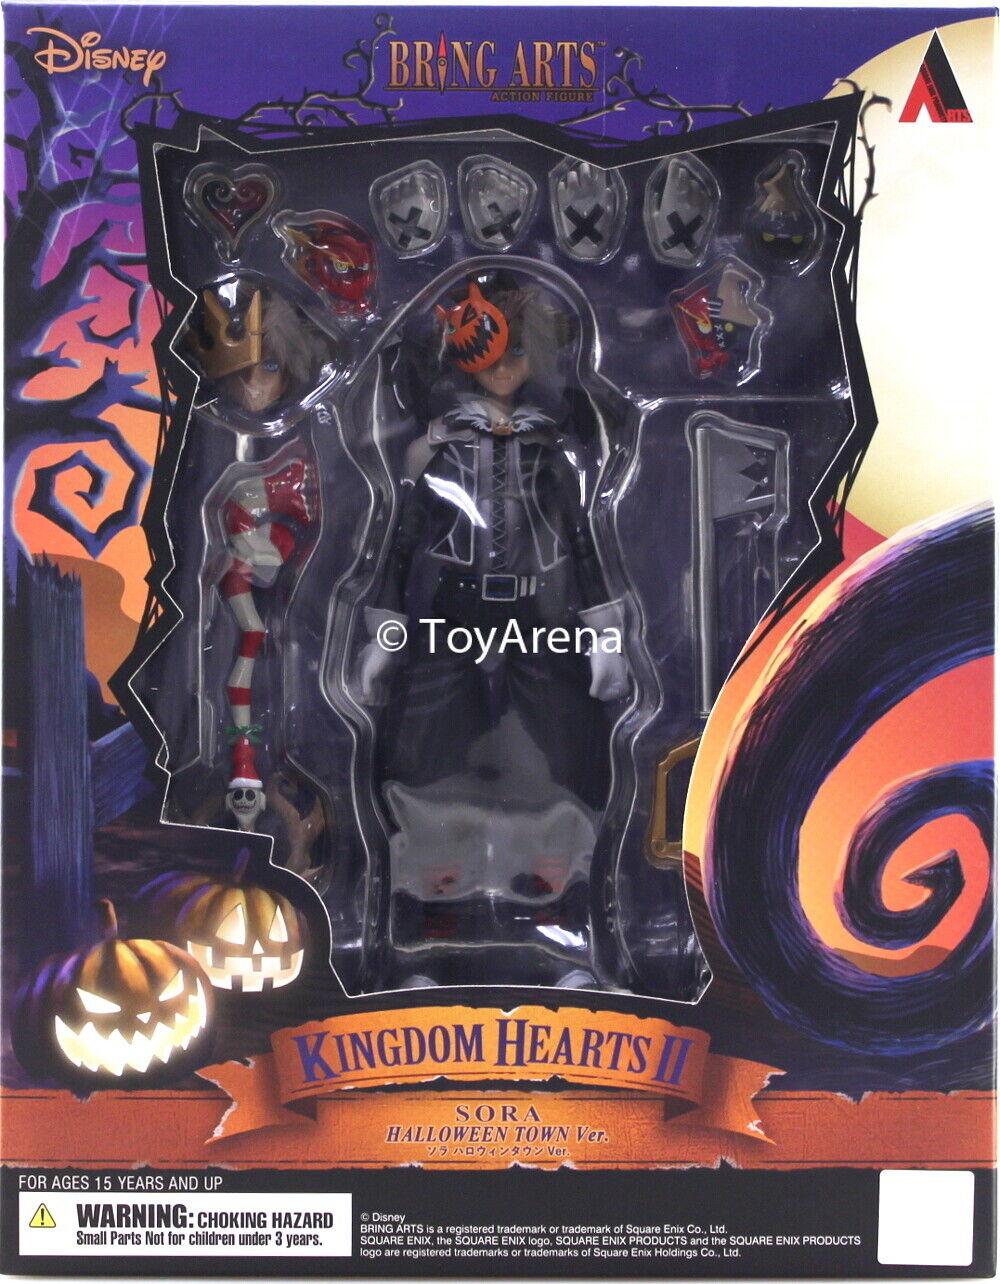 venta mundialmente famosa en línea Traer Artes Kingdom Hearts Ii Sora Halloween Town Ver. Ver. Ver. figura de Square Enix USA  suministro directo de los fabricantes